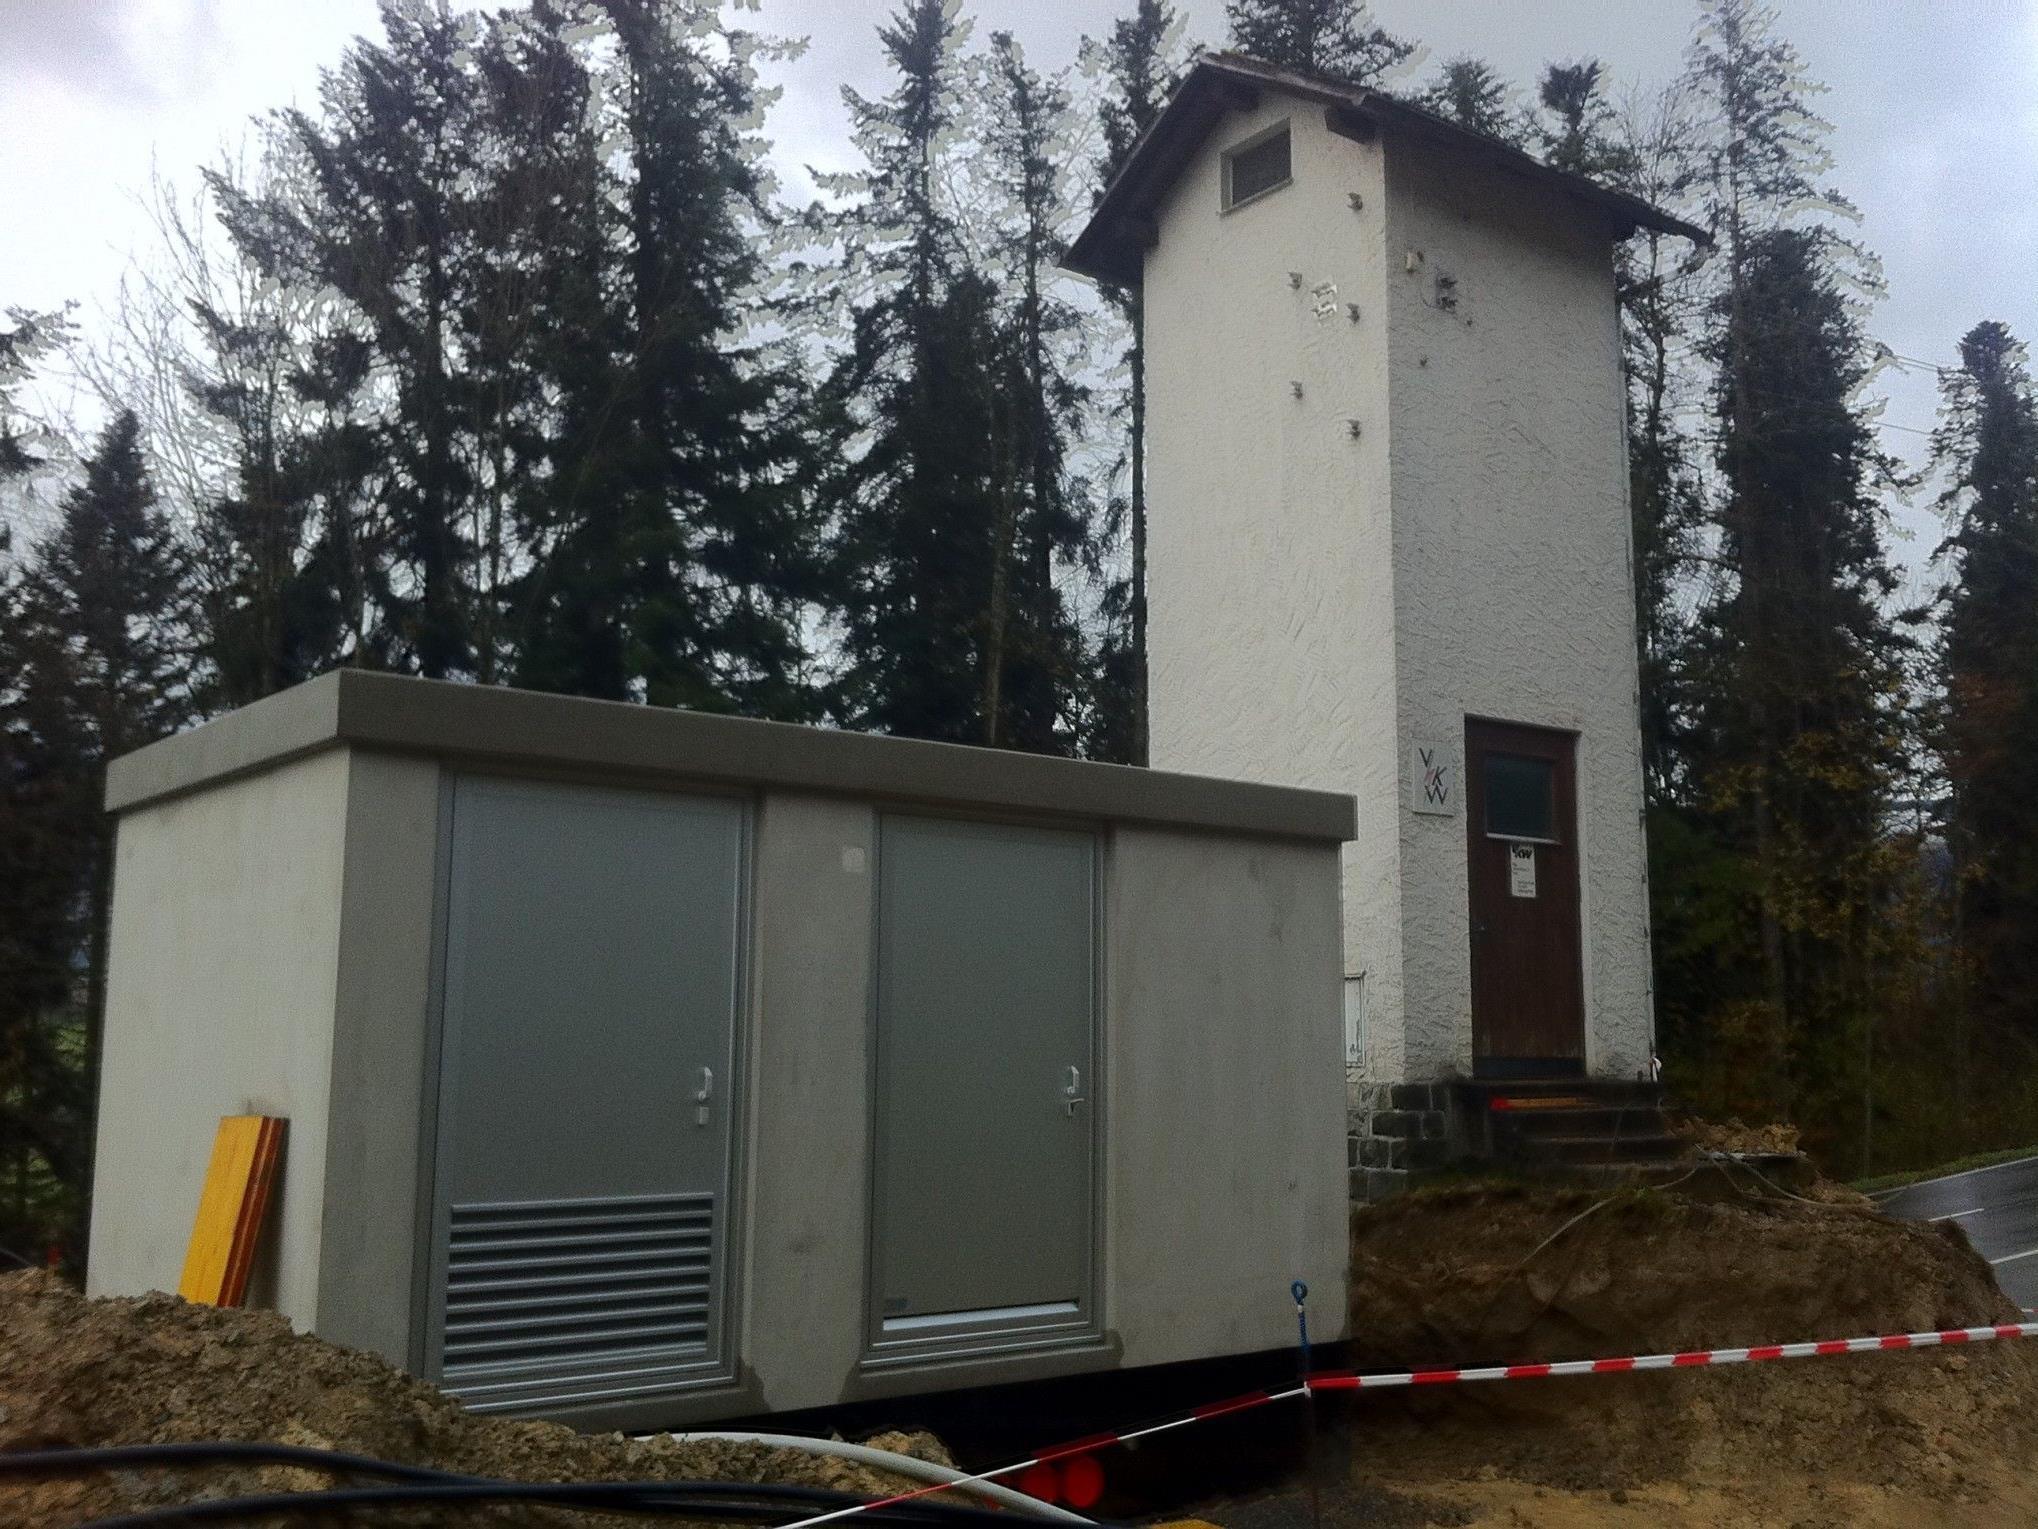 Neues und altes Transformergebäude in Kammern